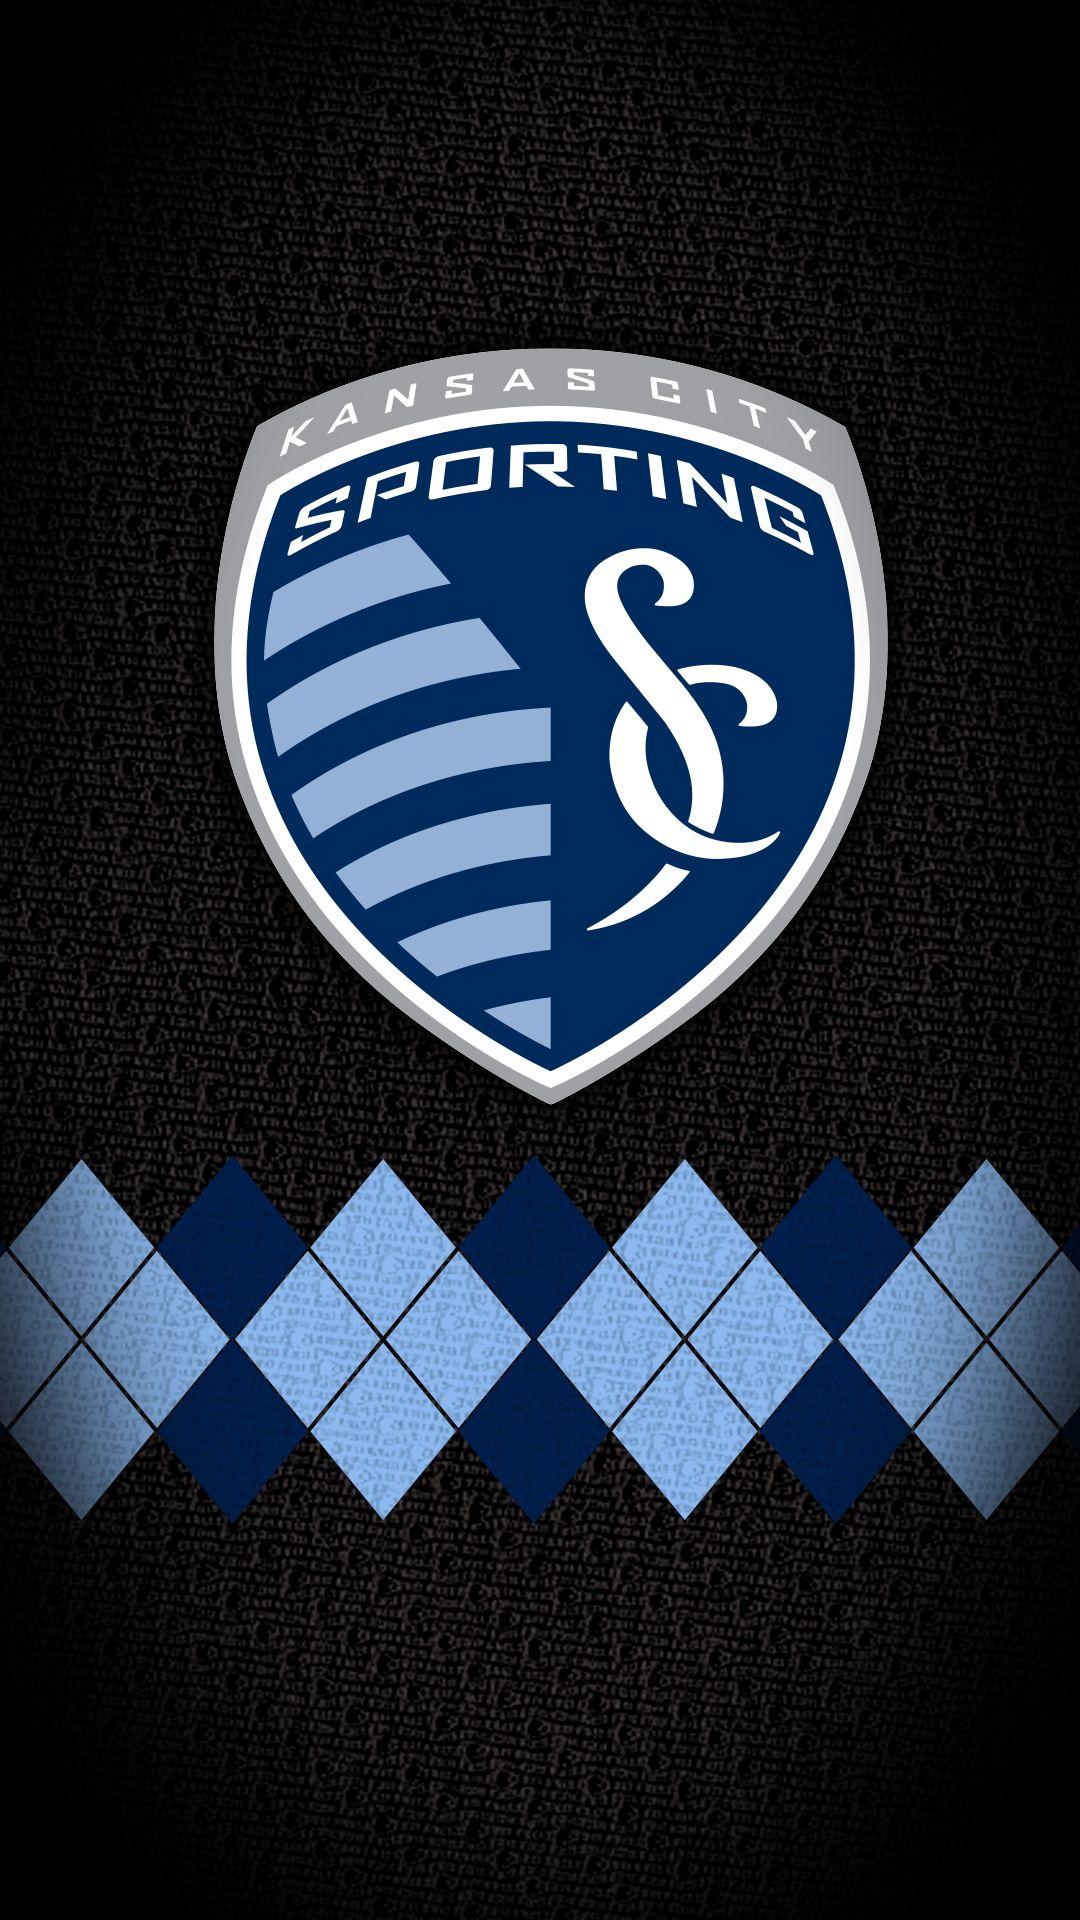 Wallpapers Sporting Kansas City Sporting Kansas City Sporting